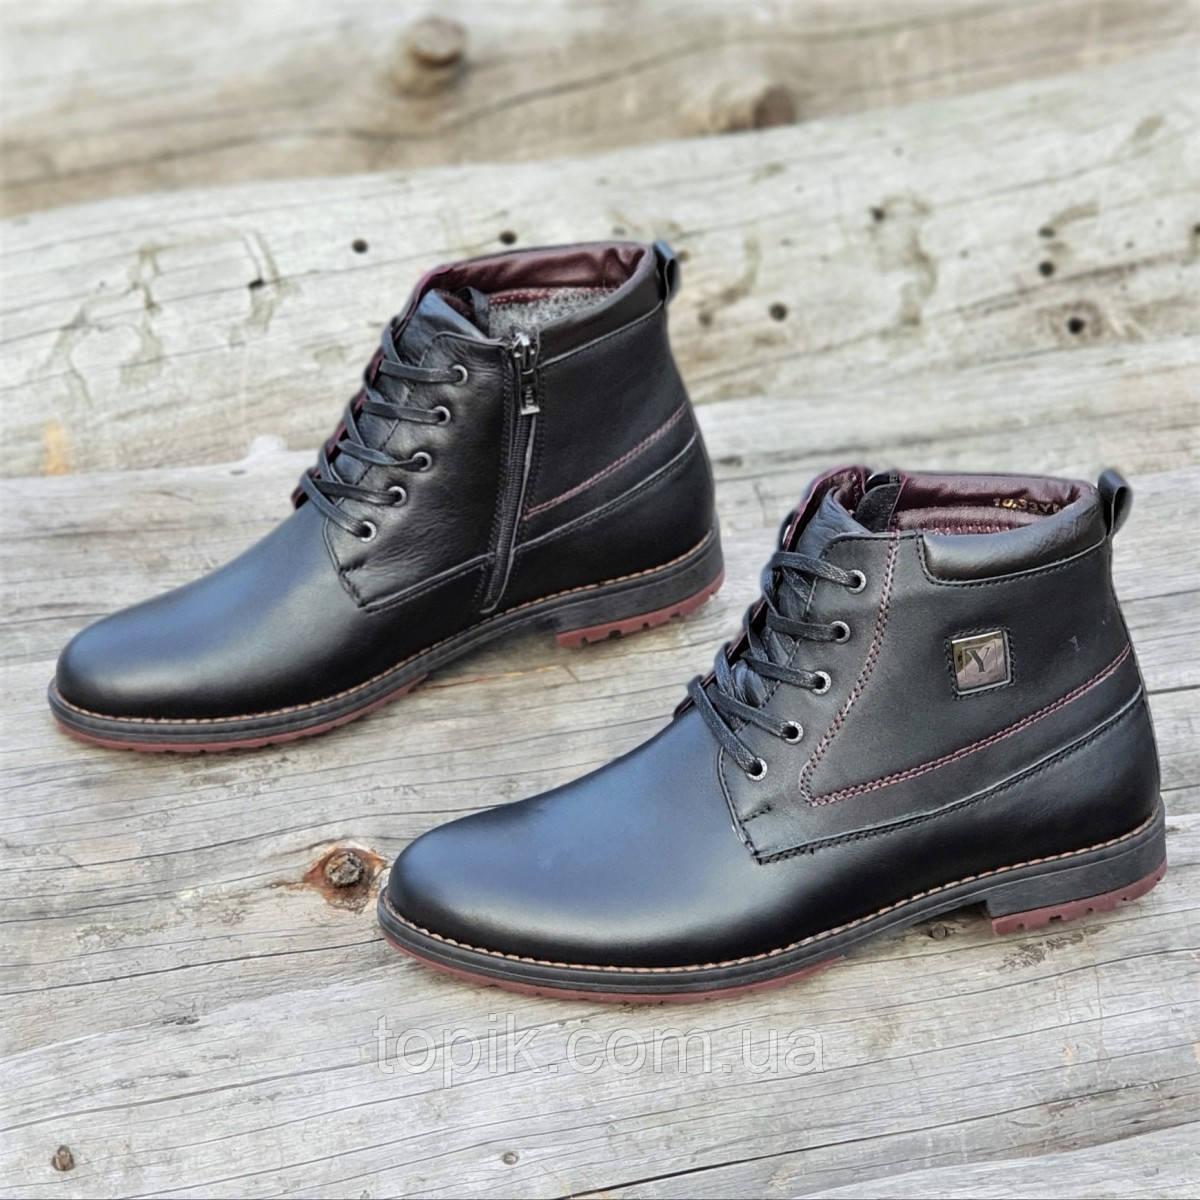 Мужские зимние ботинки классические на шнурках и молнии черные кожаные на меху стильные (Код: 1308а)